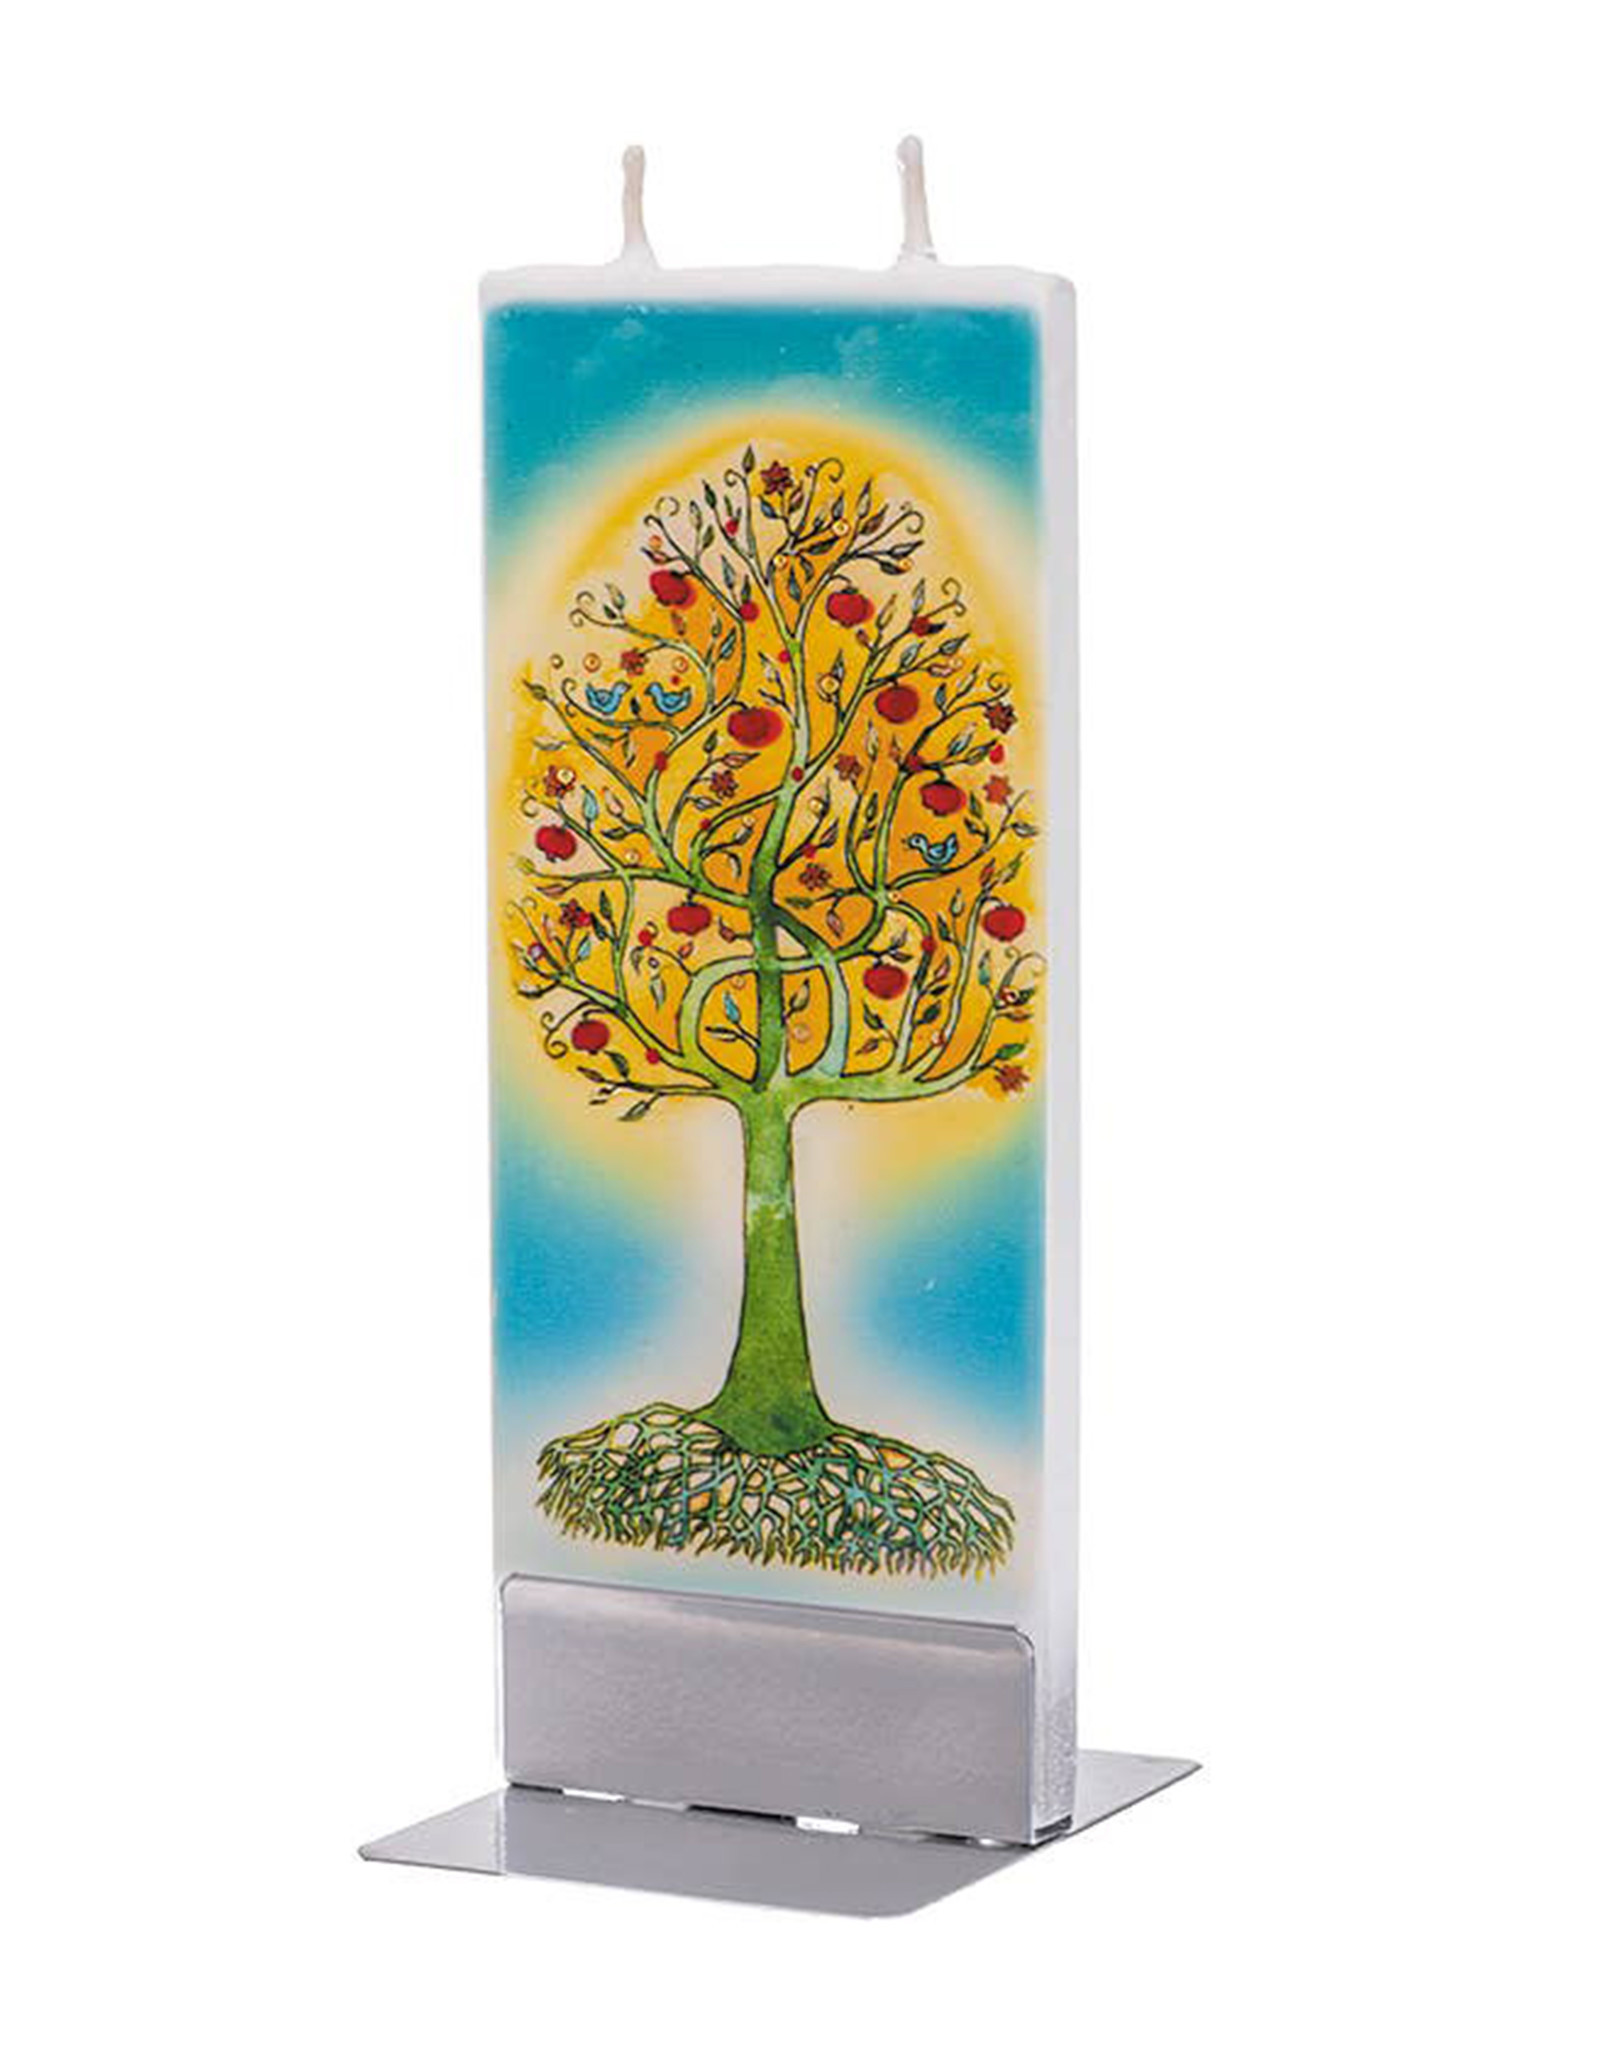 FLATYZ TREE OF LIFE CANDLE